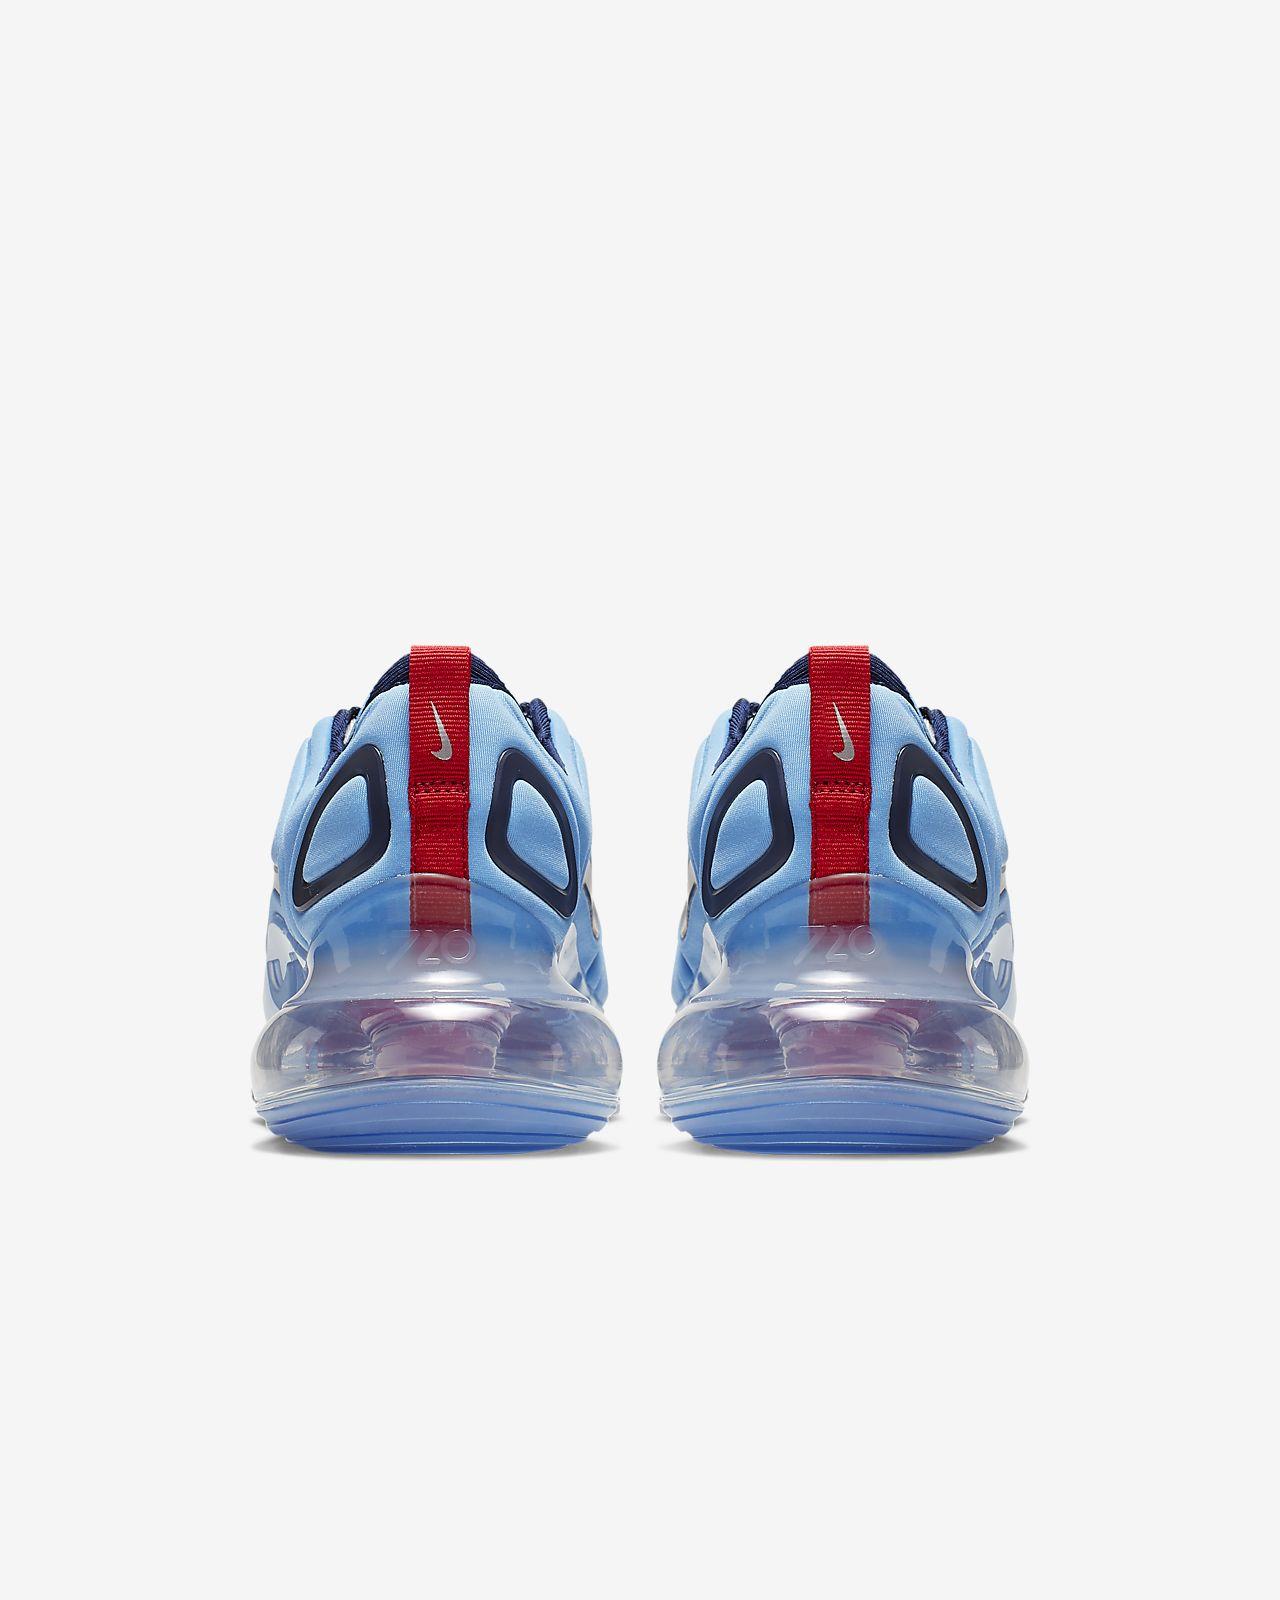 6f241d8c59 Nike Air Max 720 női cipő. Nike.com HU